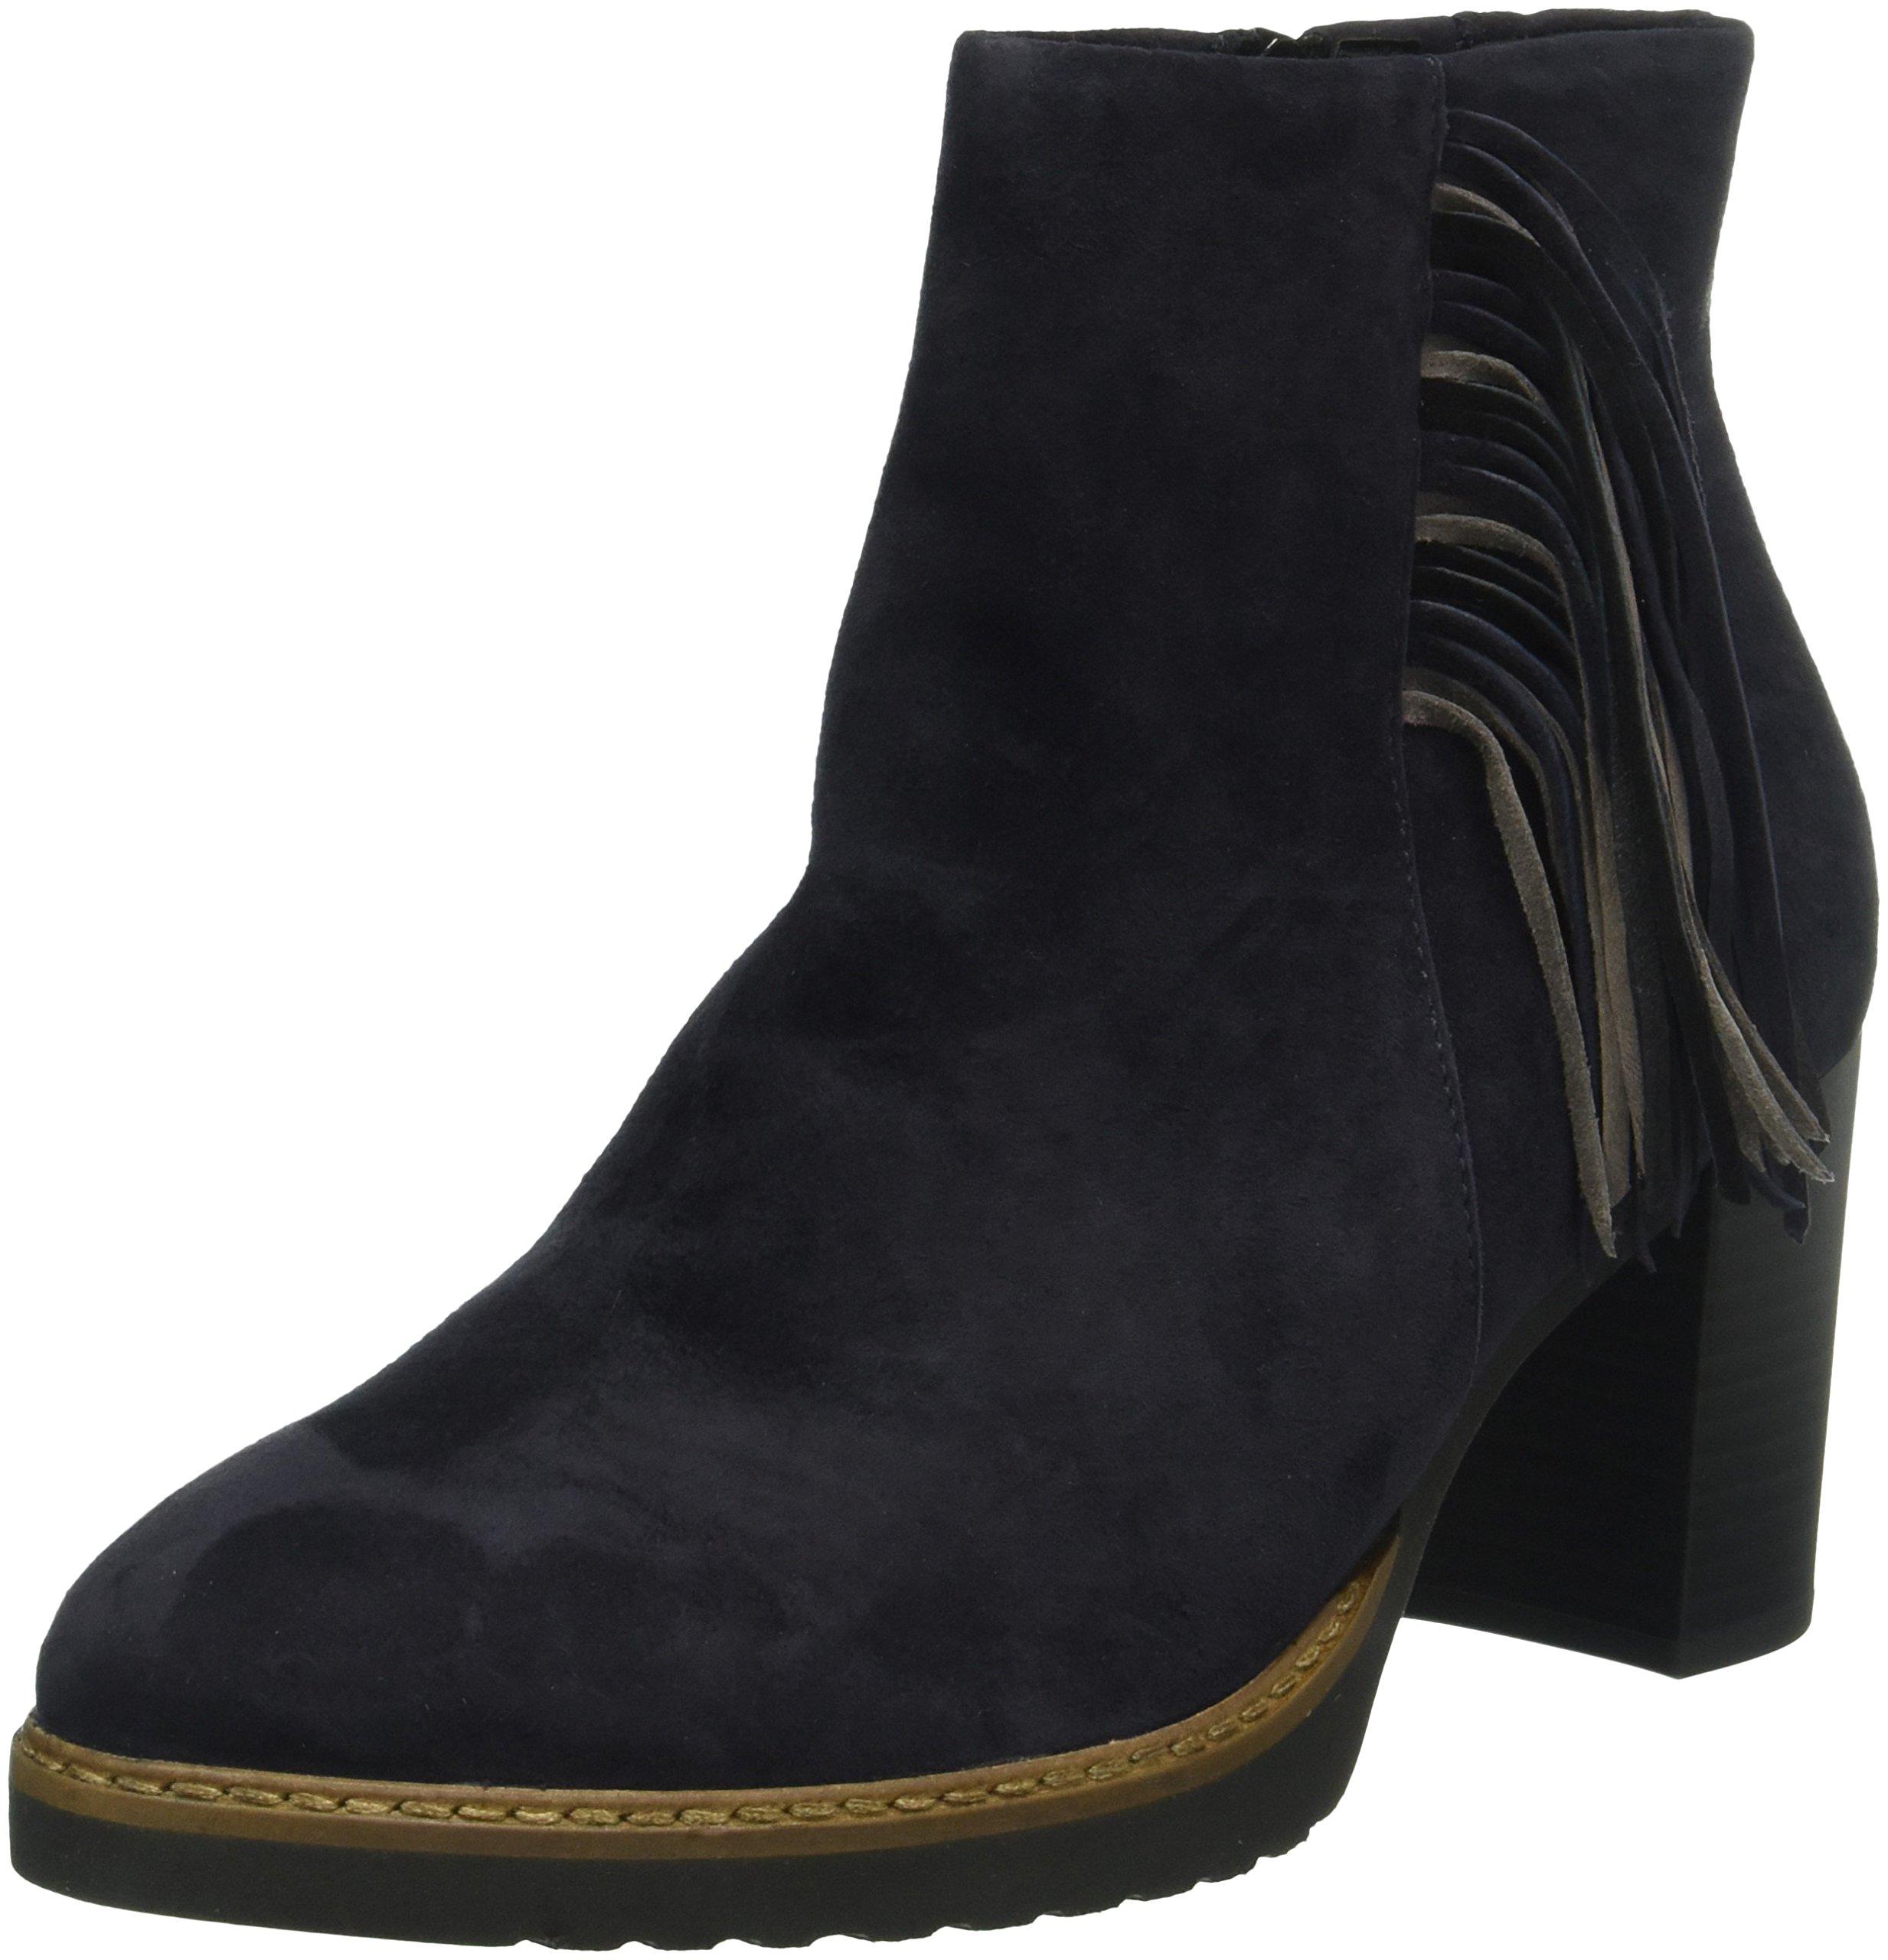 Bottes 51 Classiques 5 FemmeMulticolore38 Eu Shoes Gabor 722 45AjLR